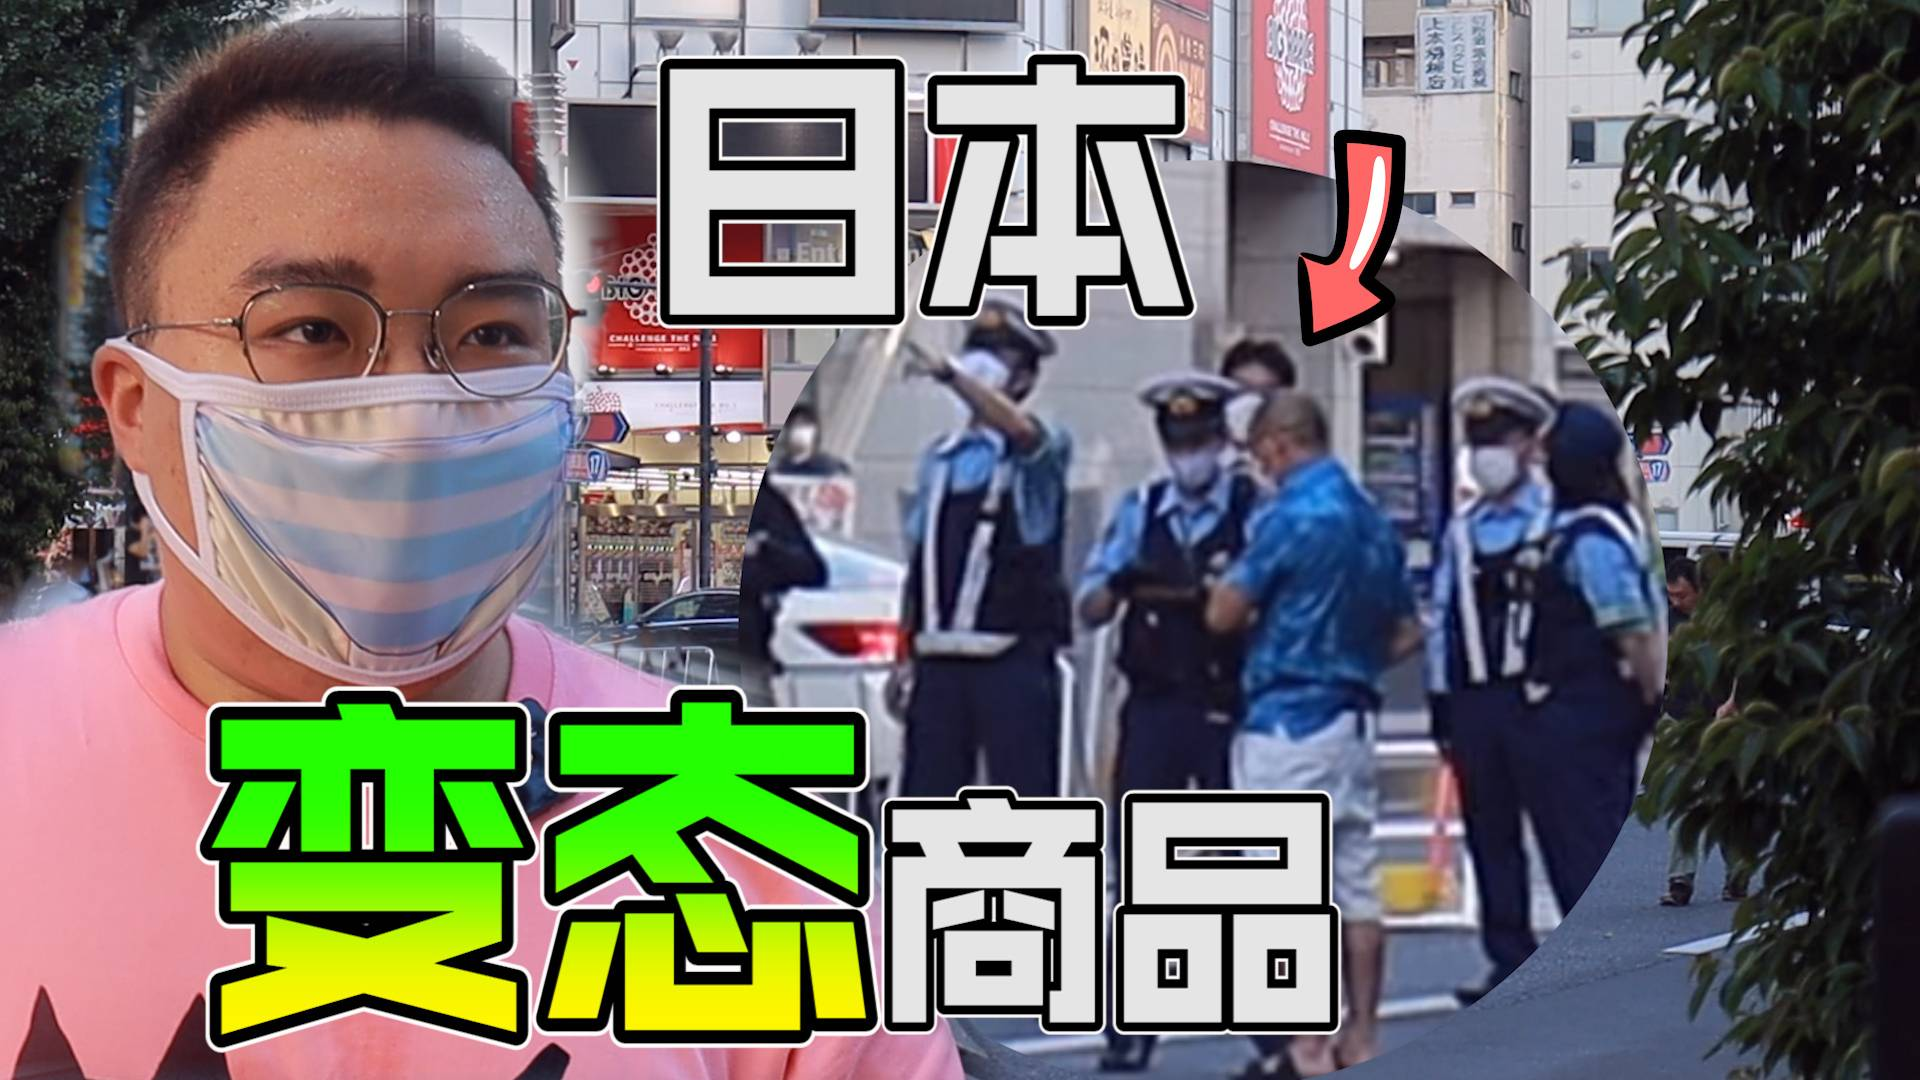 日本街头用变态商品,会被警察抓吗?